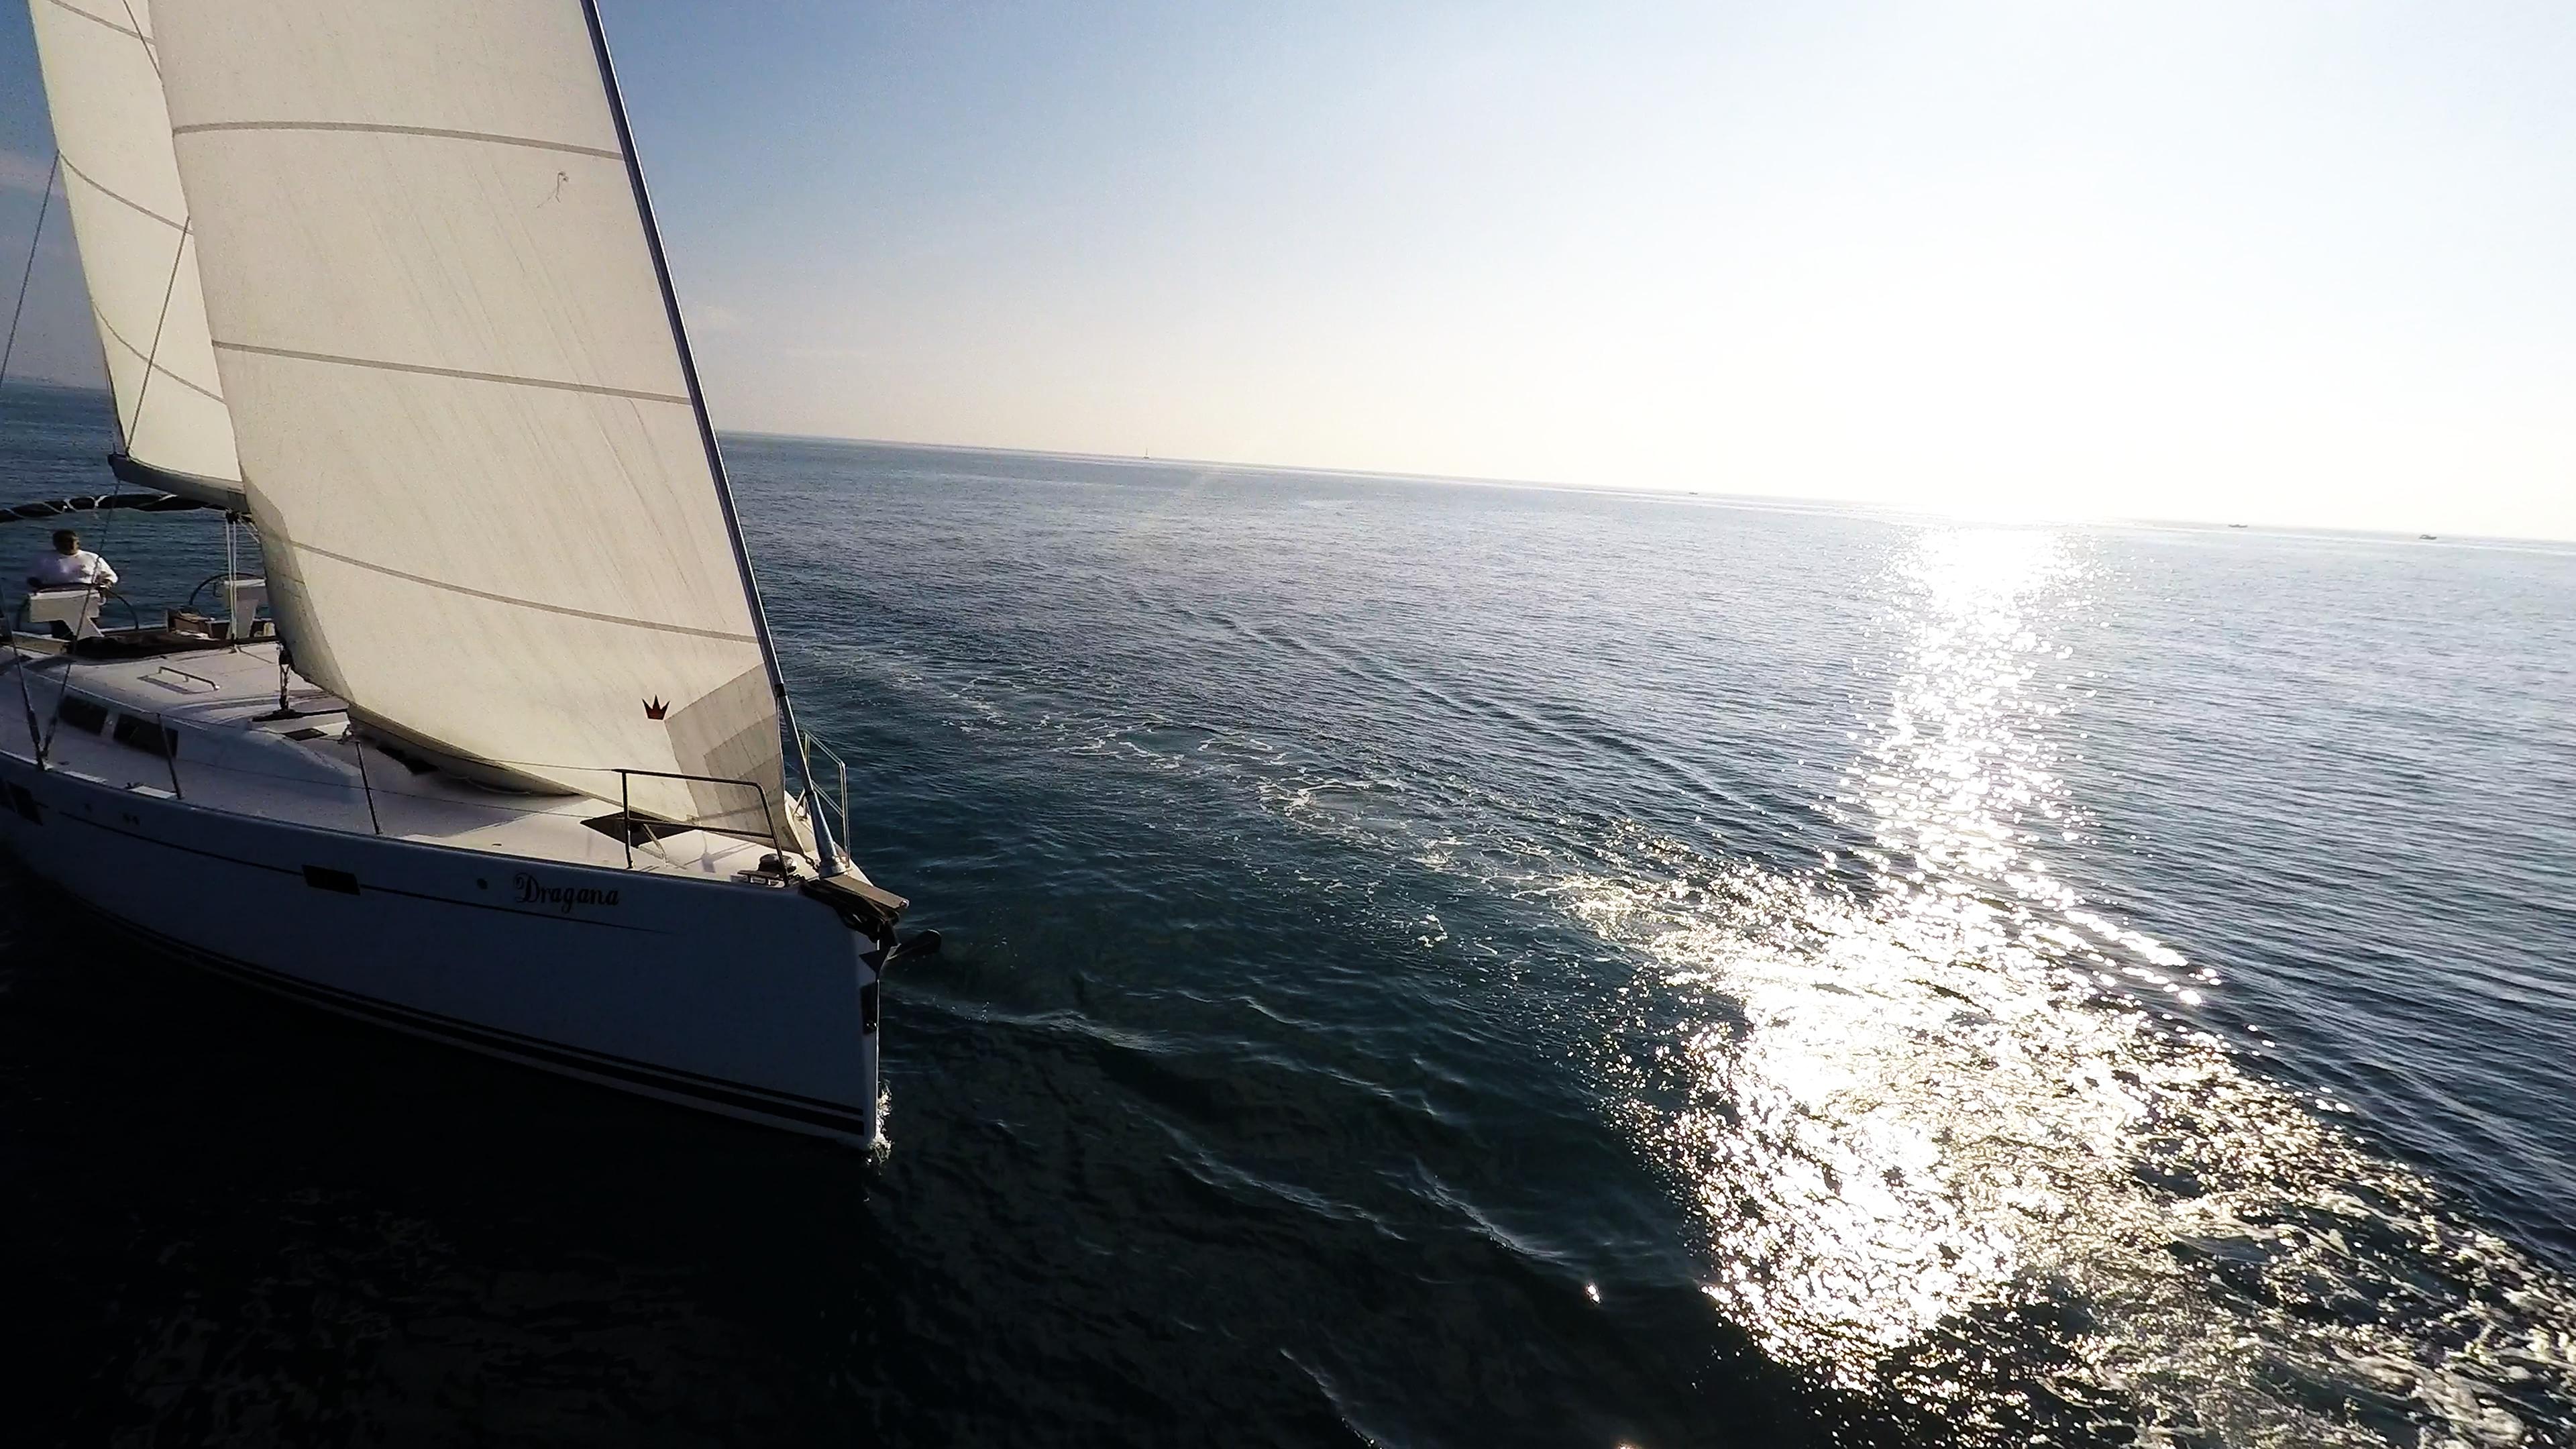 jedrilica jedri more sunčev sjaj